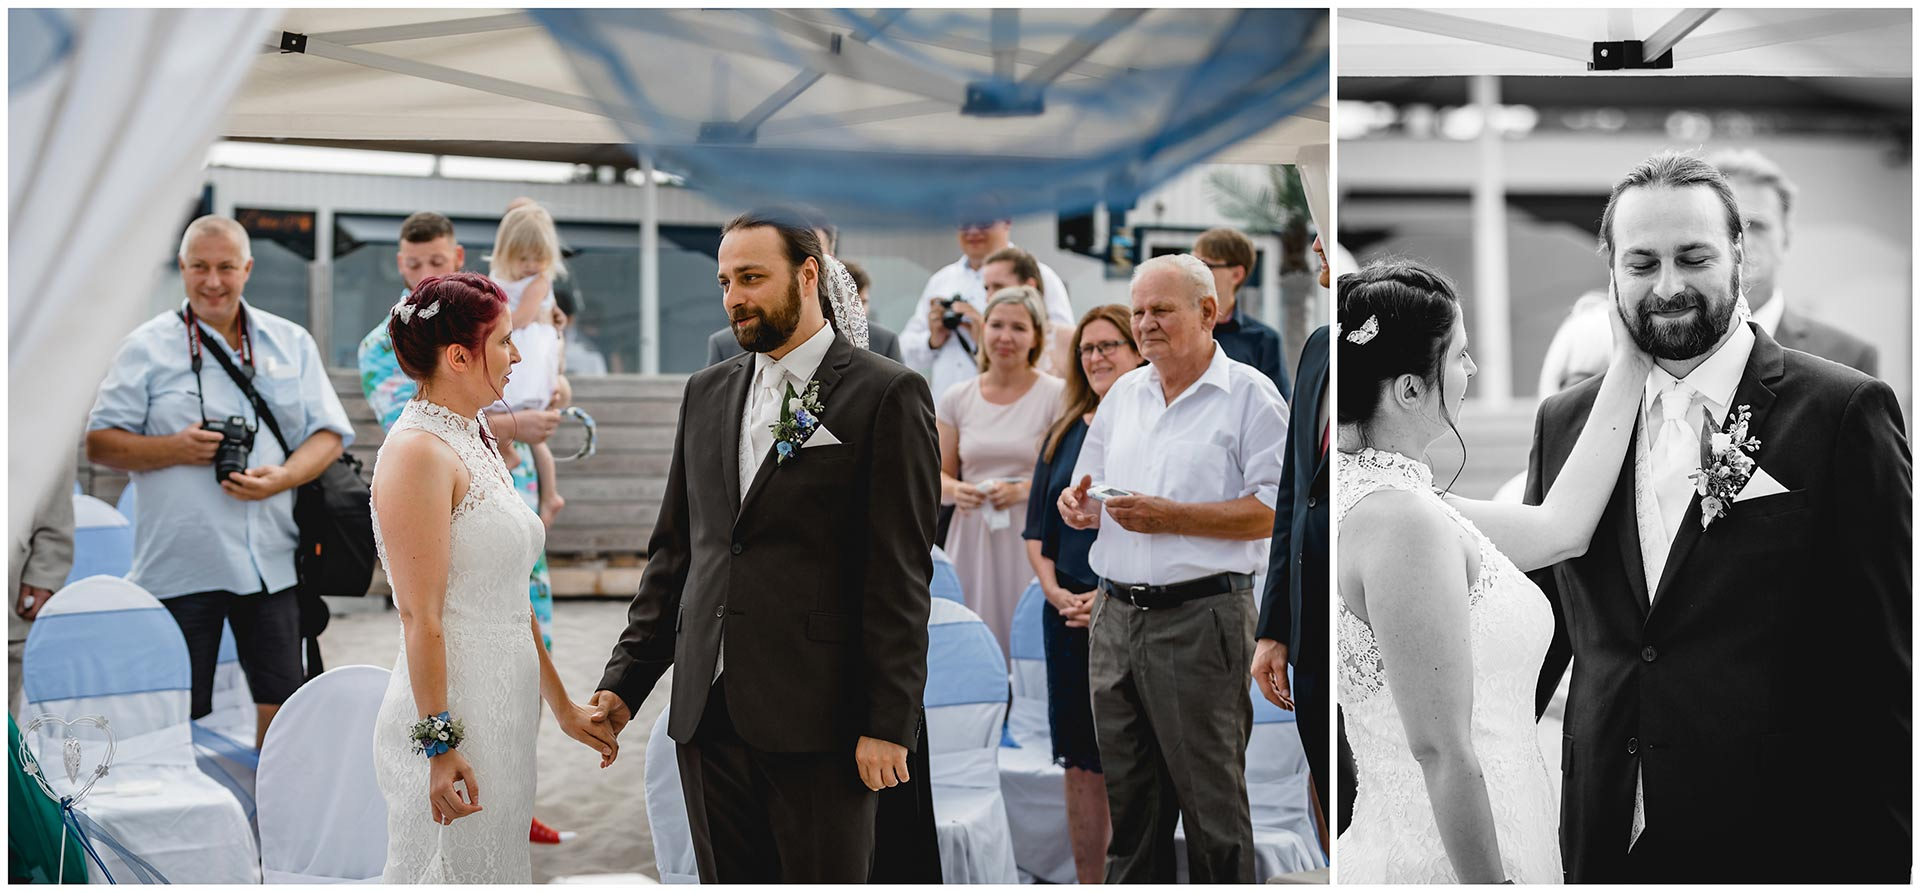 Foto-1_Hochzeitspaar-steht-sich-gegenueber-und-schaut-sich-an_Foto-2_Braut-streichelt-zaertlich-das-Gesicht-des-Braeutigams-Hochzeit-am-Strand-Hochzeitsfotograf-Warnemuende-Hochzeitsfotograf-Rostock-Hochzeitsfotograf-Ostseebad-Warnemuende